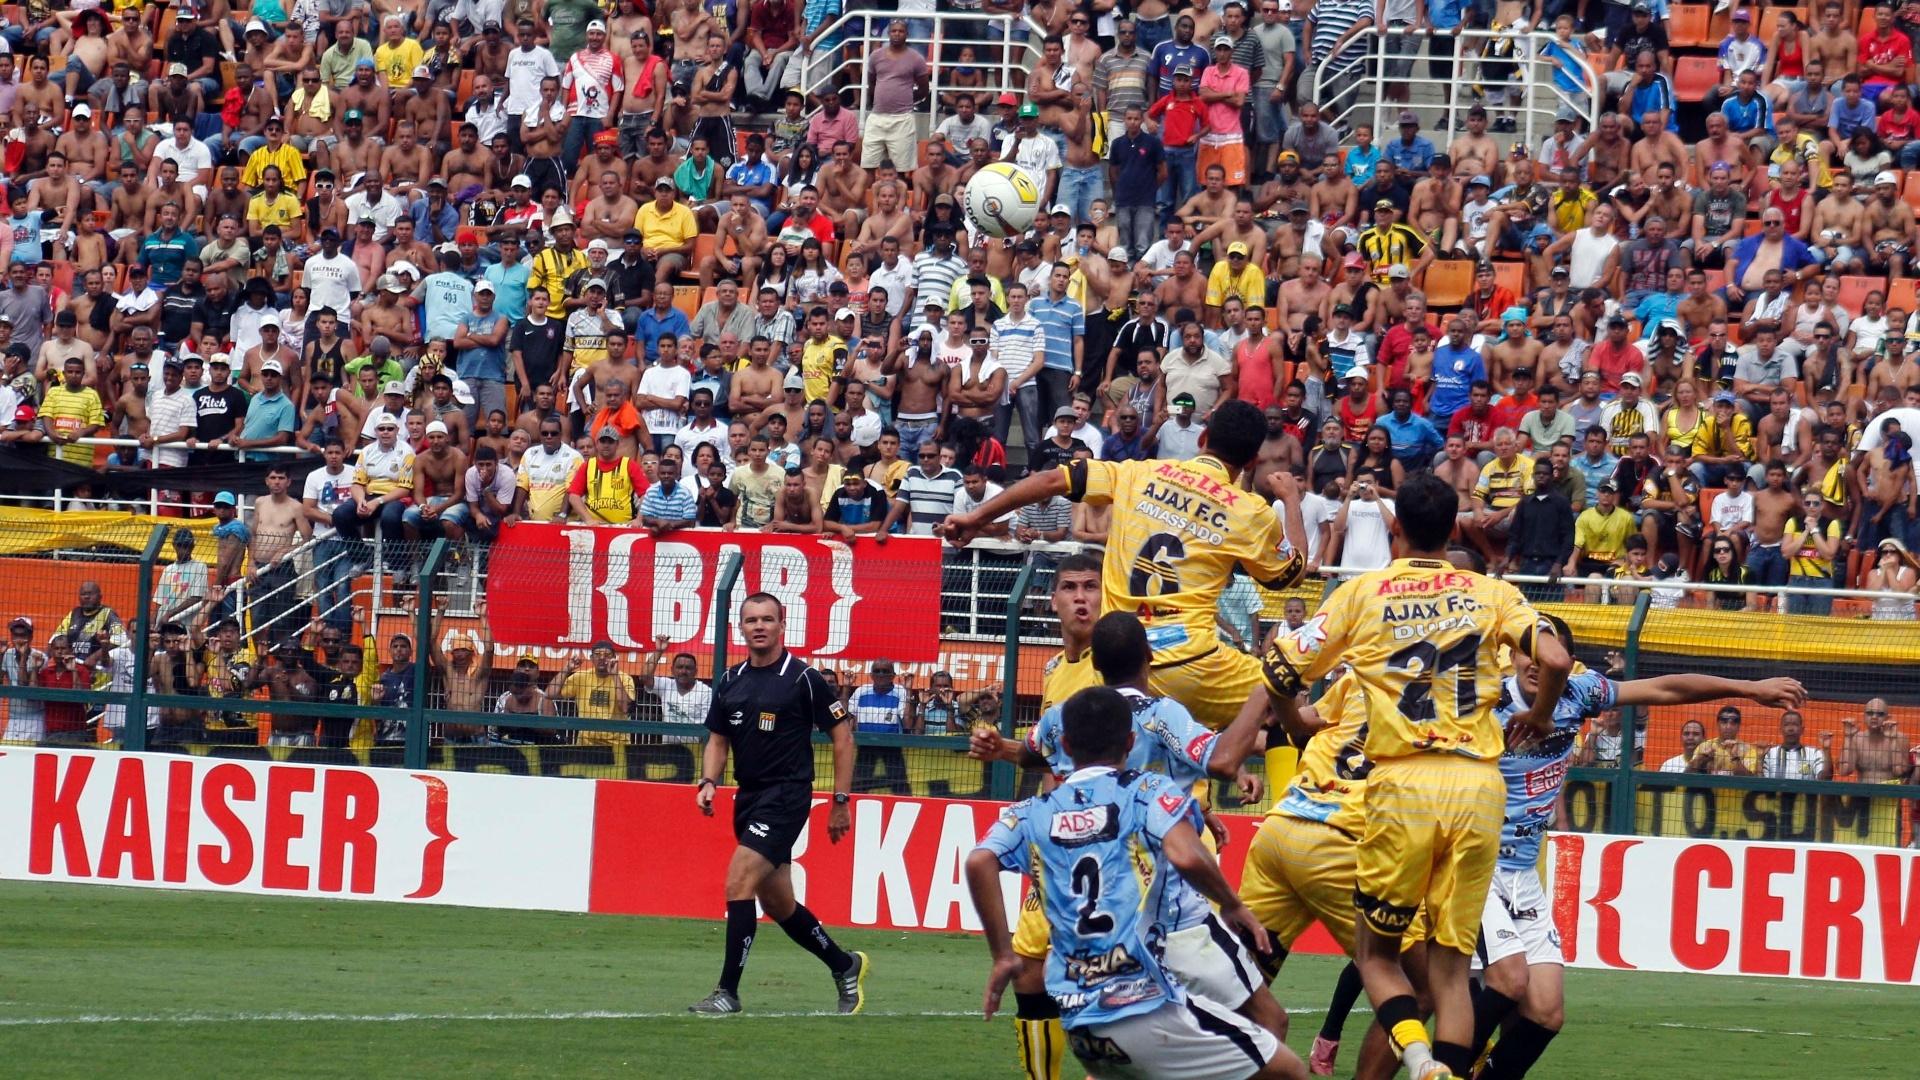 Jogadores do Ajax (amarelo) e Turma do Baffô disputam a posse da bola na final da Copa Kaiser, no Pacaembu